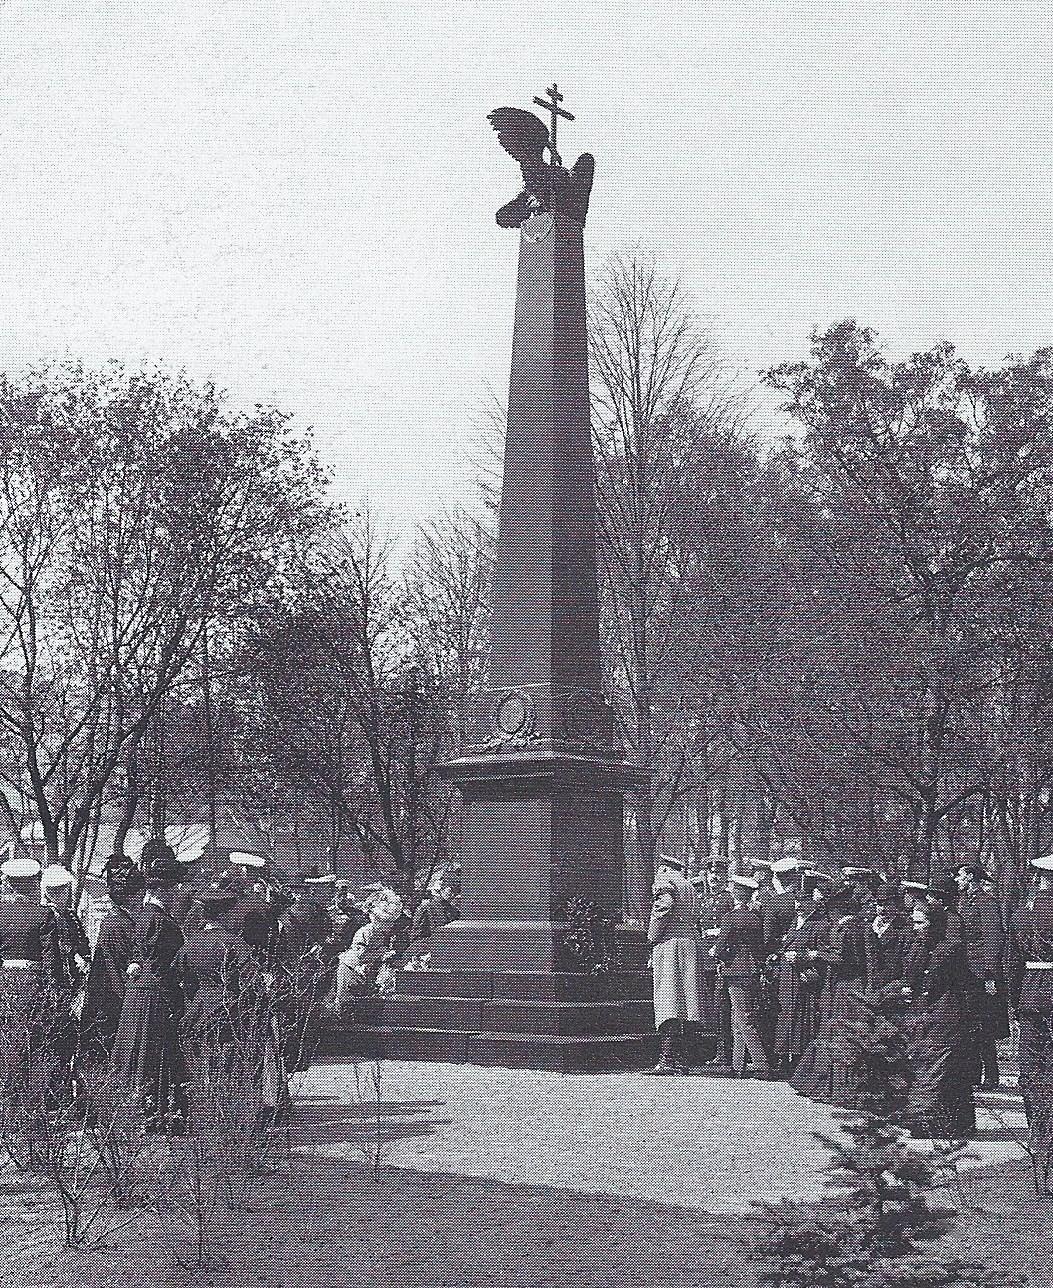 1908. Обелиск в память экипажа броненосца «Император Александр III», погибшего в Цусимском сражении